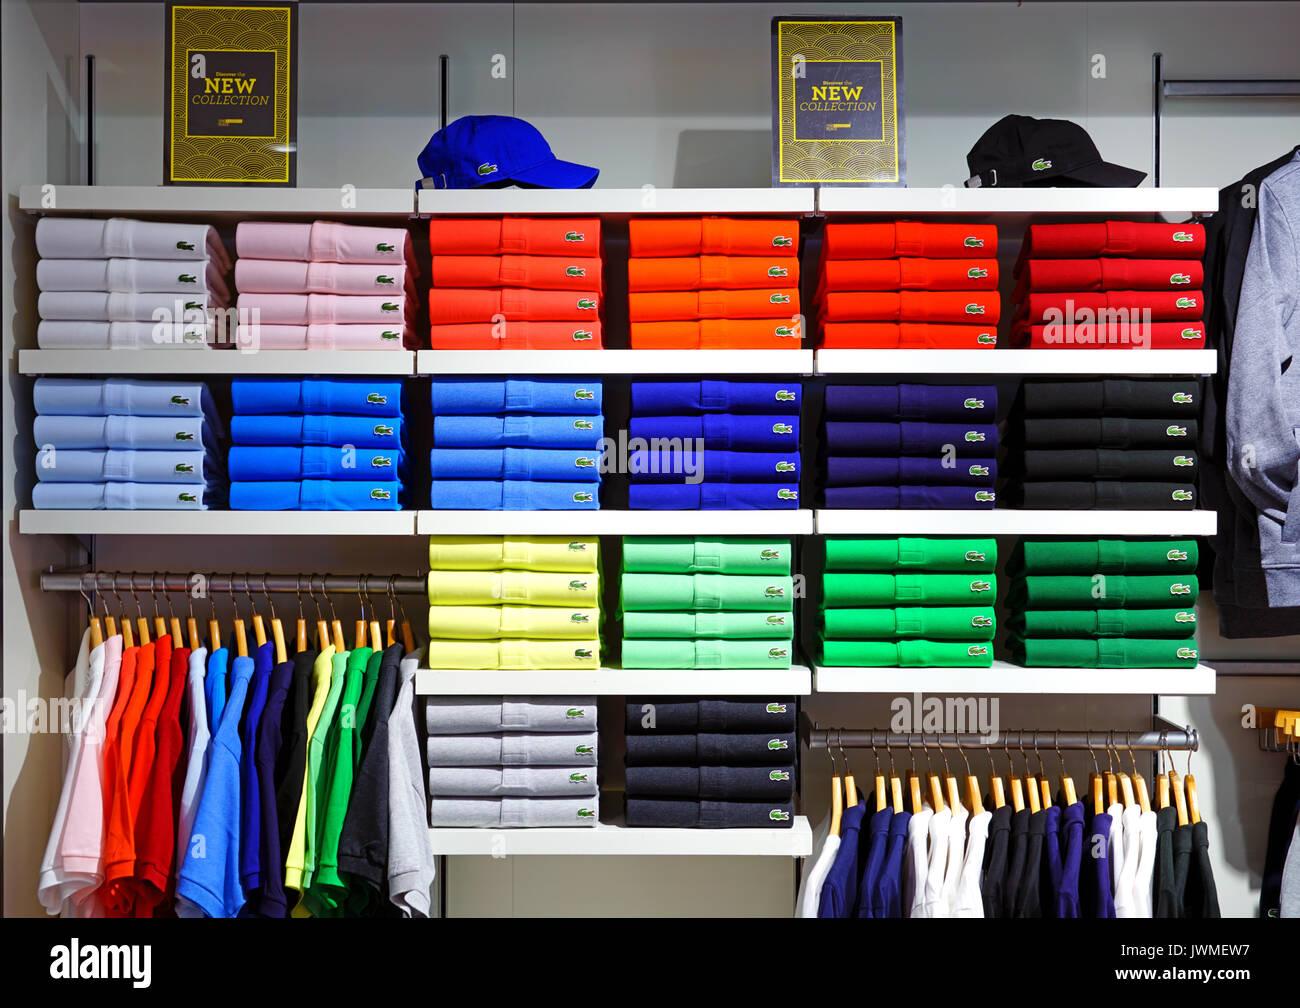 59d307be3fb40 Montones de coloridos Lacoste camisas Polo en las estanterías de las tiendas.  Lacoste es una compañía de ropa francés famoso por sus camisas de tenis.